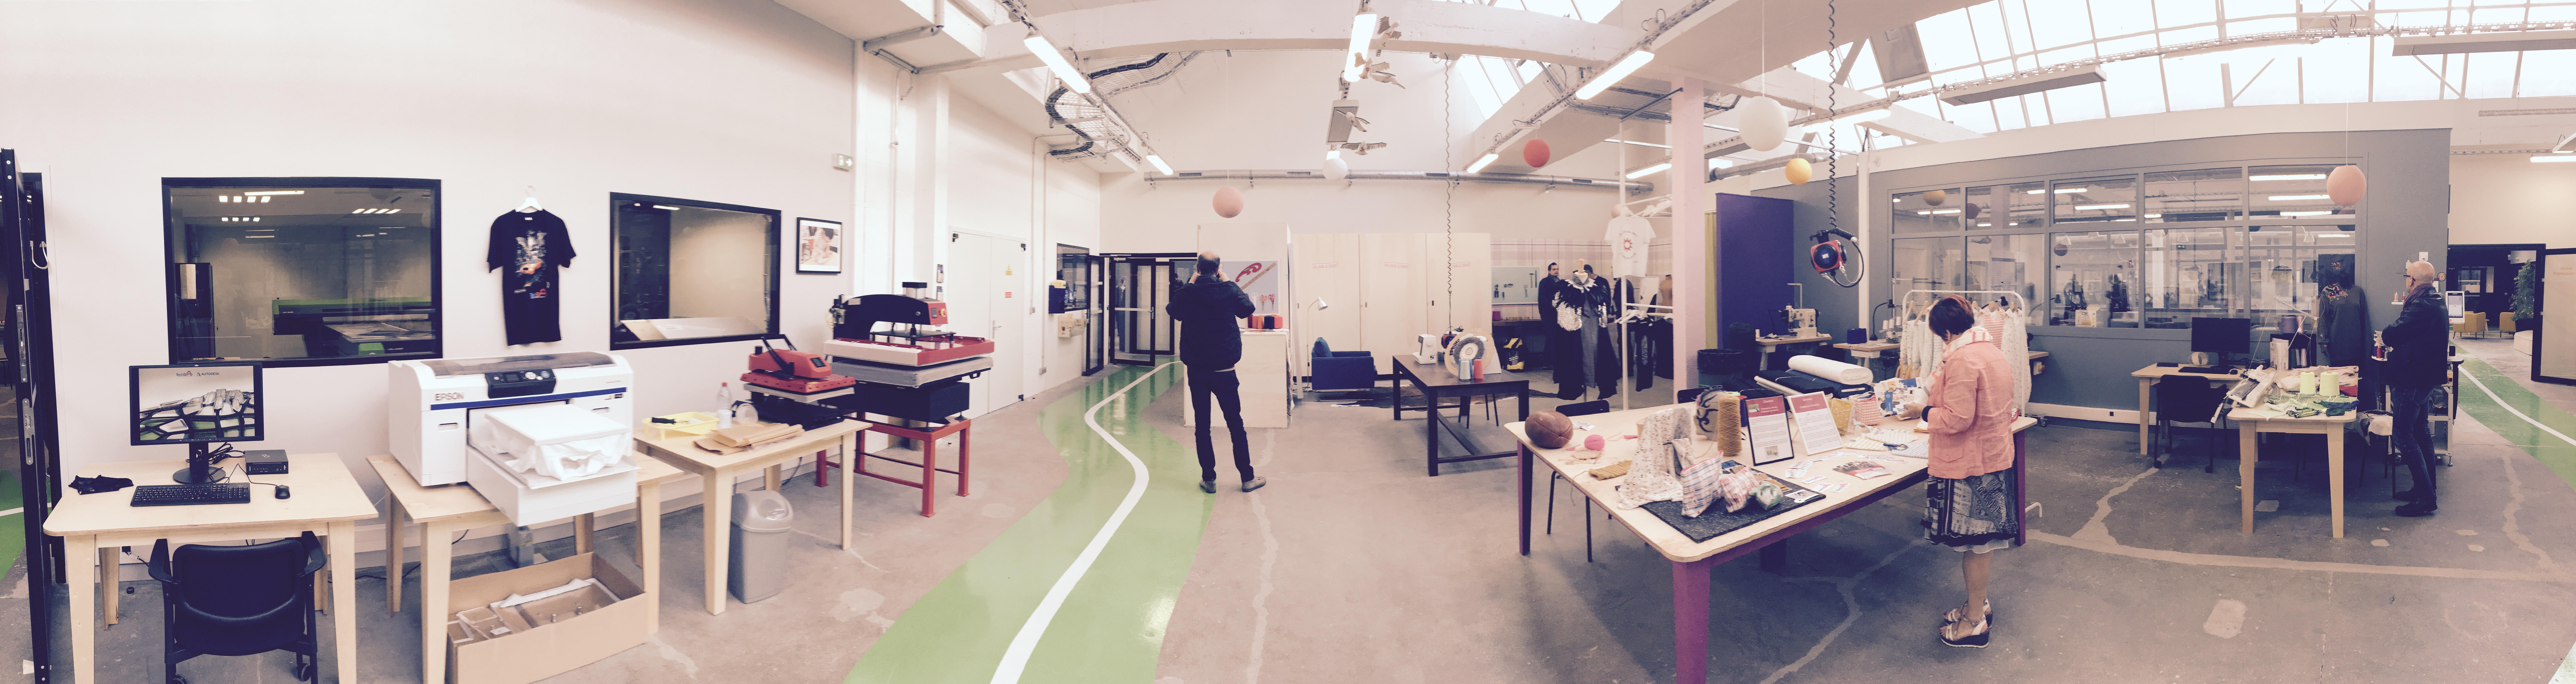 Panorama de l'atelier textile. Derrière, les imprimantes 3D.